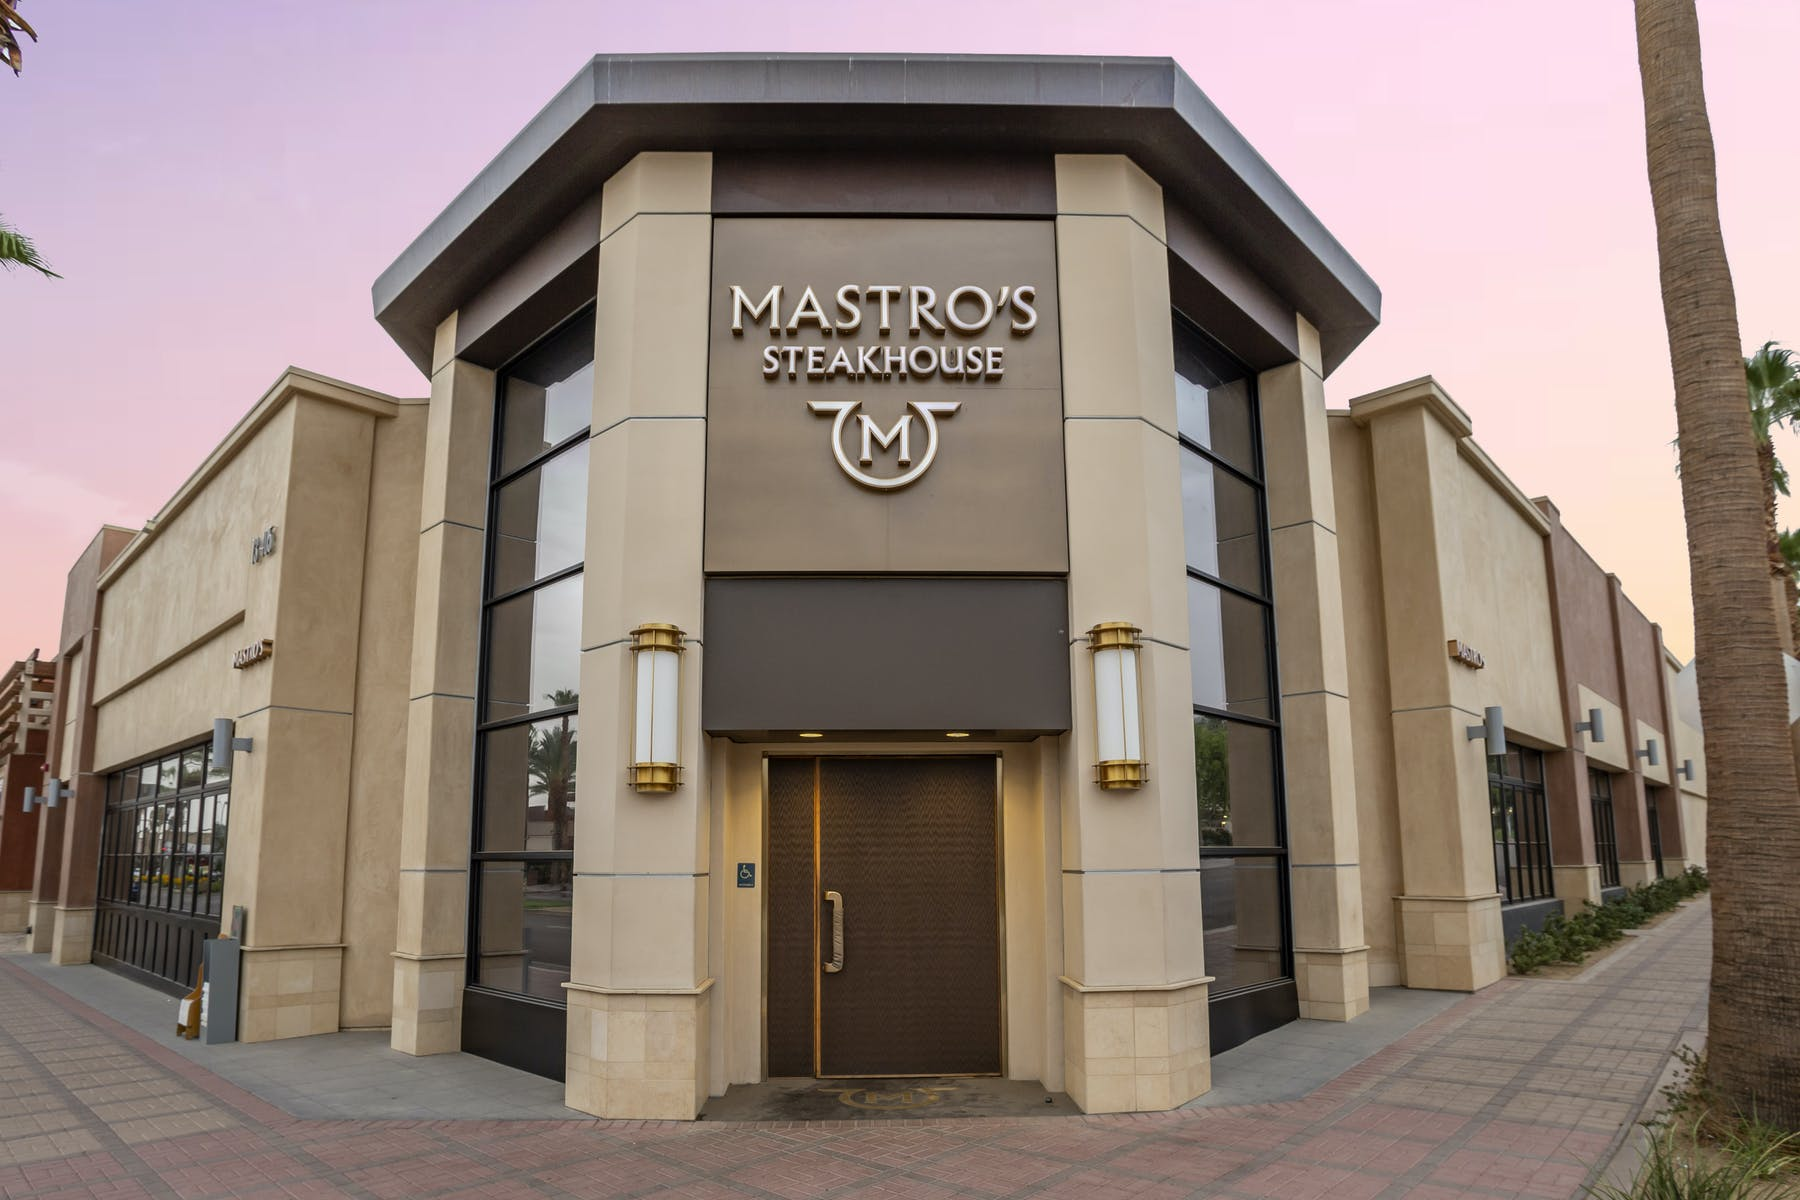 mastro's building entrance